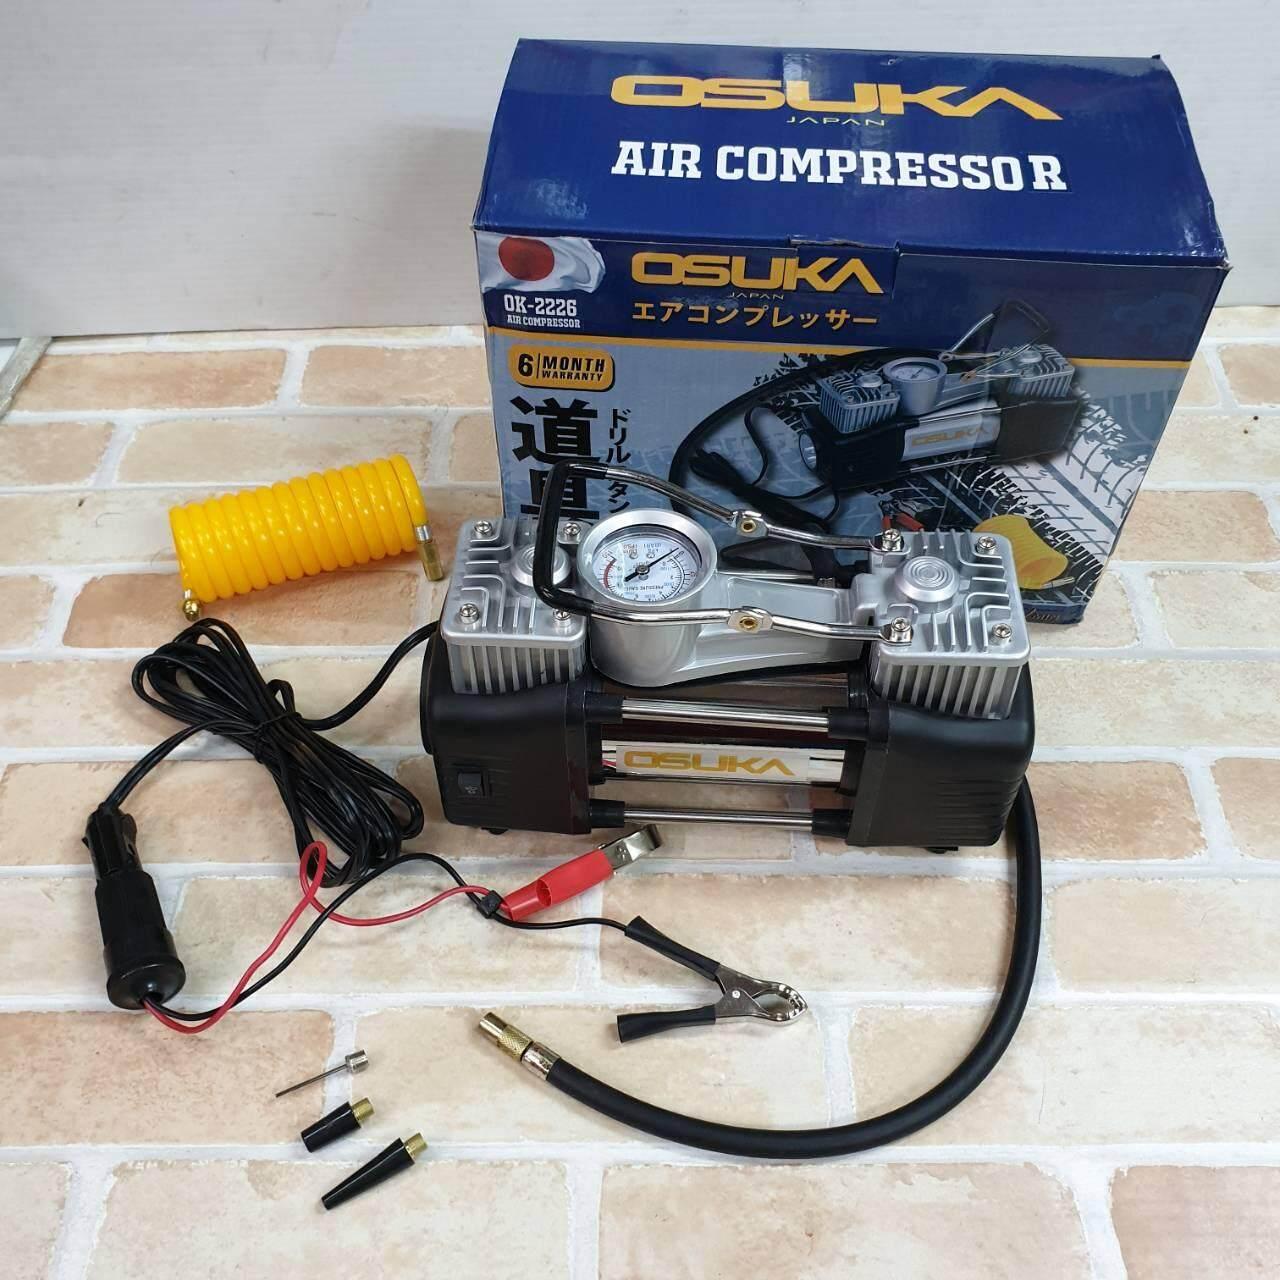 OSUKA ปั๊มลม 2 สูบ (ชาร์จไฟจากแบตเตอรี่ หรือที่จุดบุรี่ในรถ)